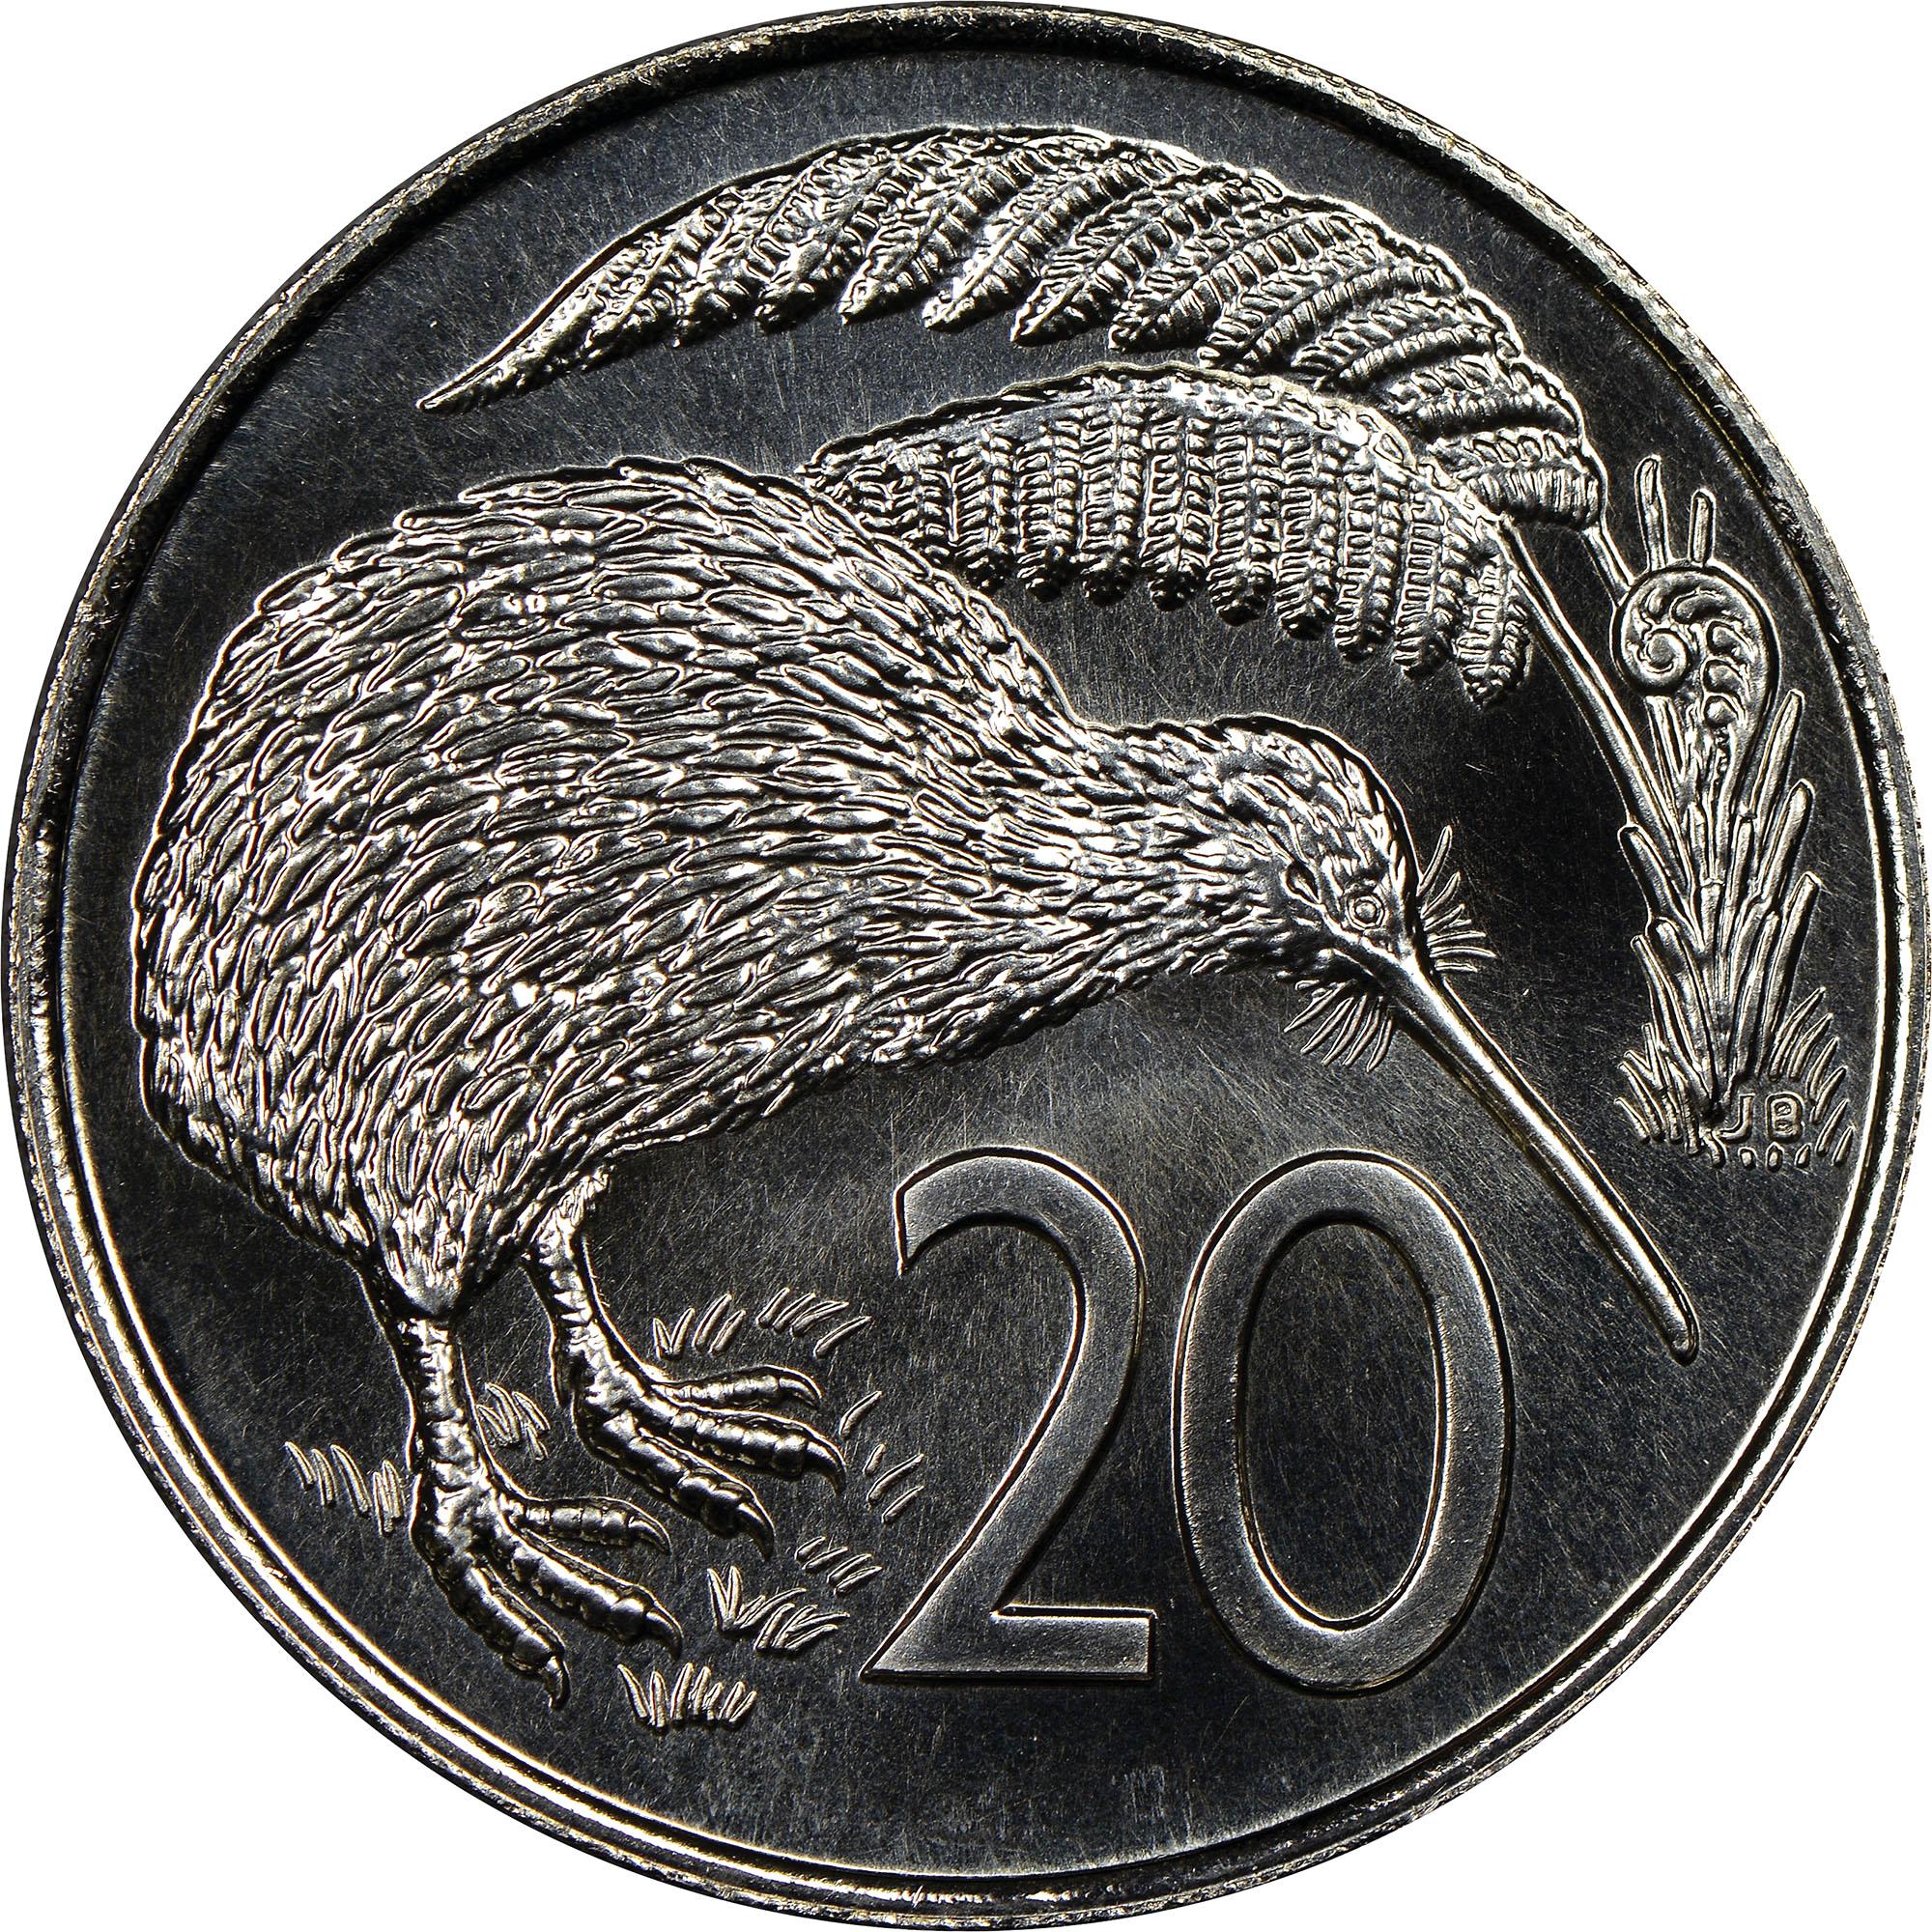 1933 new zealand threepence value.